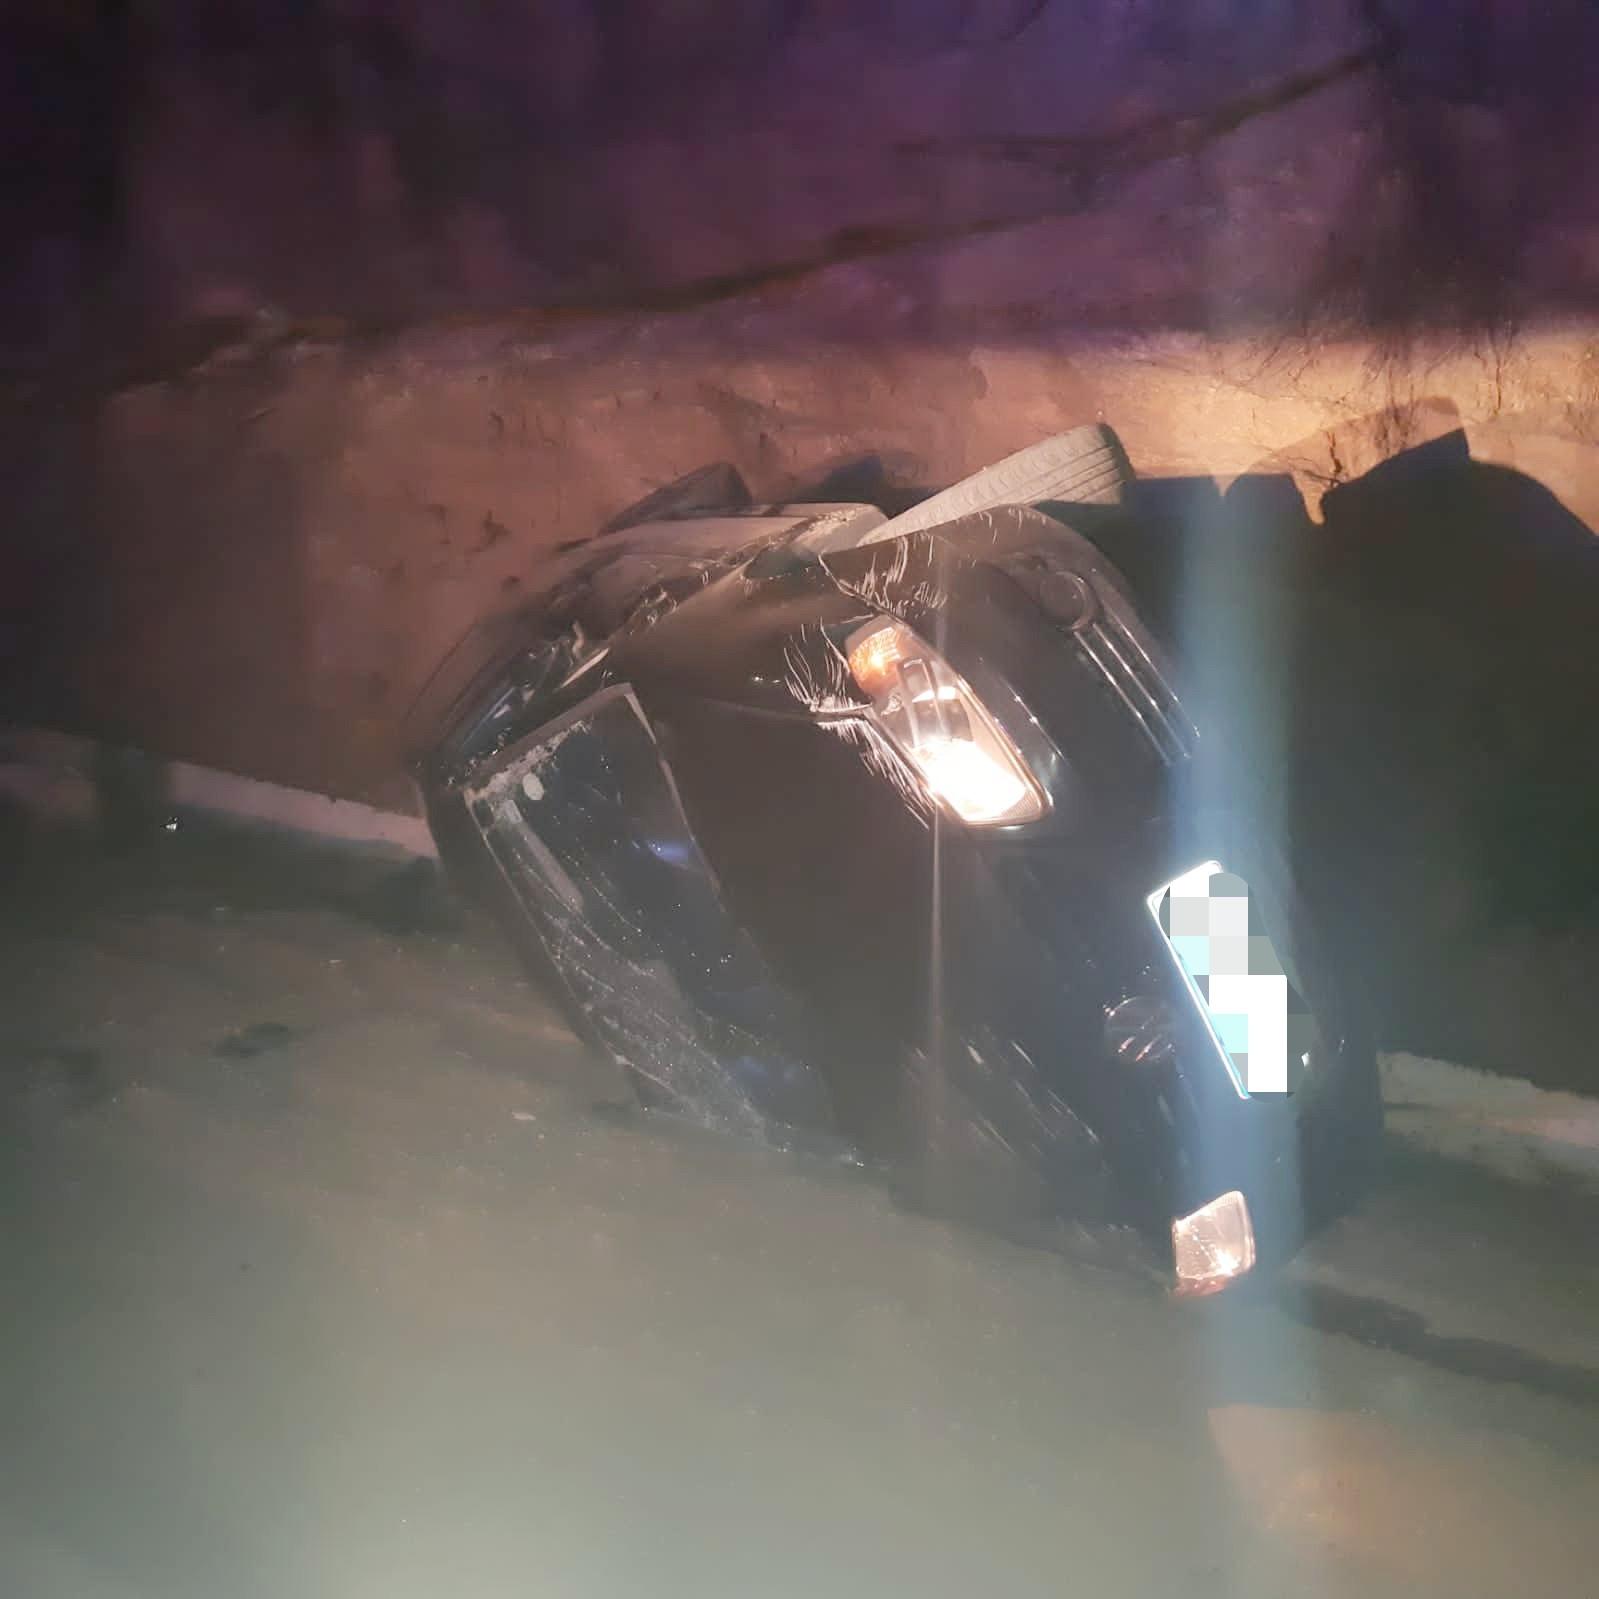 Motorista fica ferido após perder controle de veículo e capotar em Taquaritinga do Norte